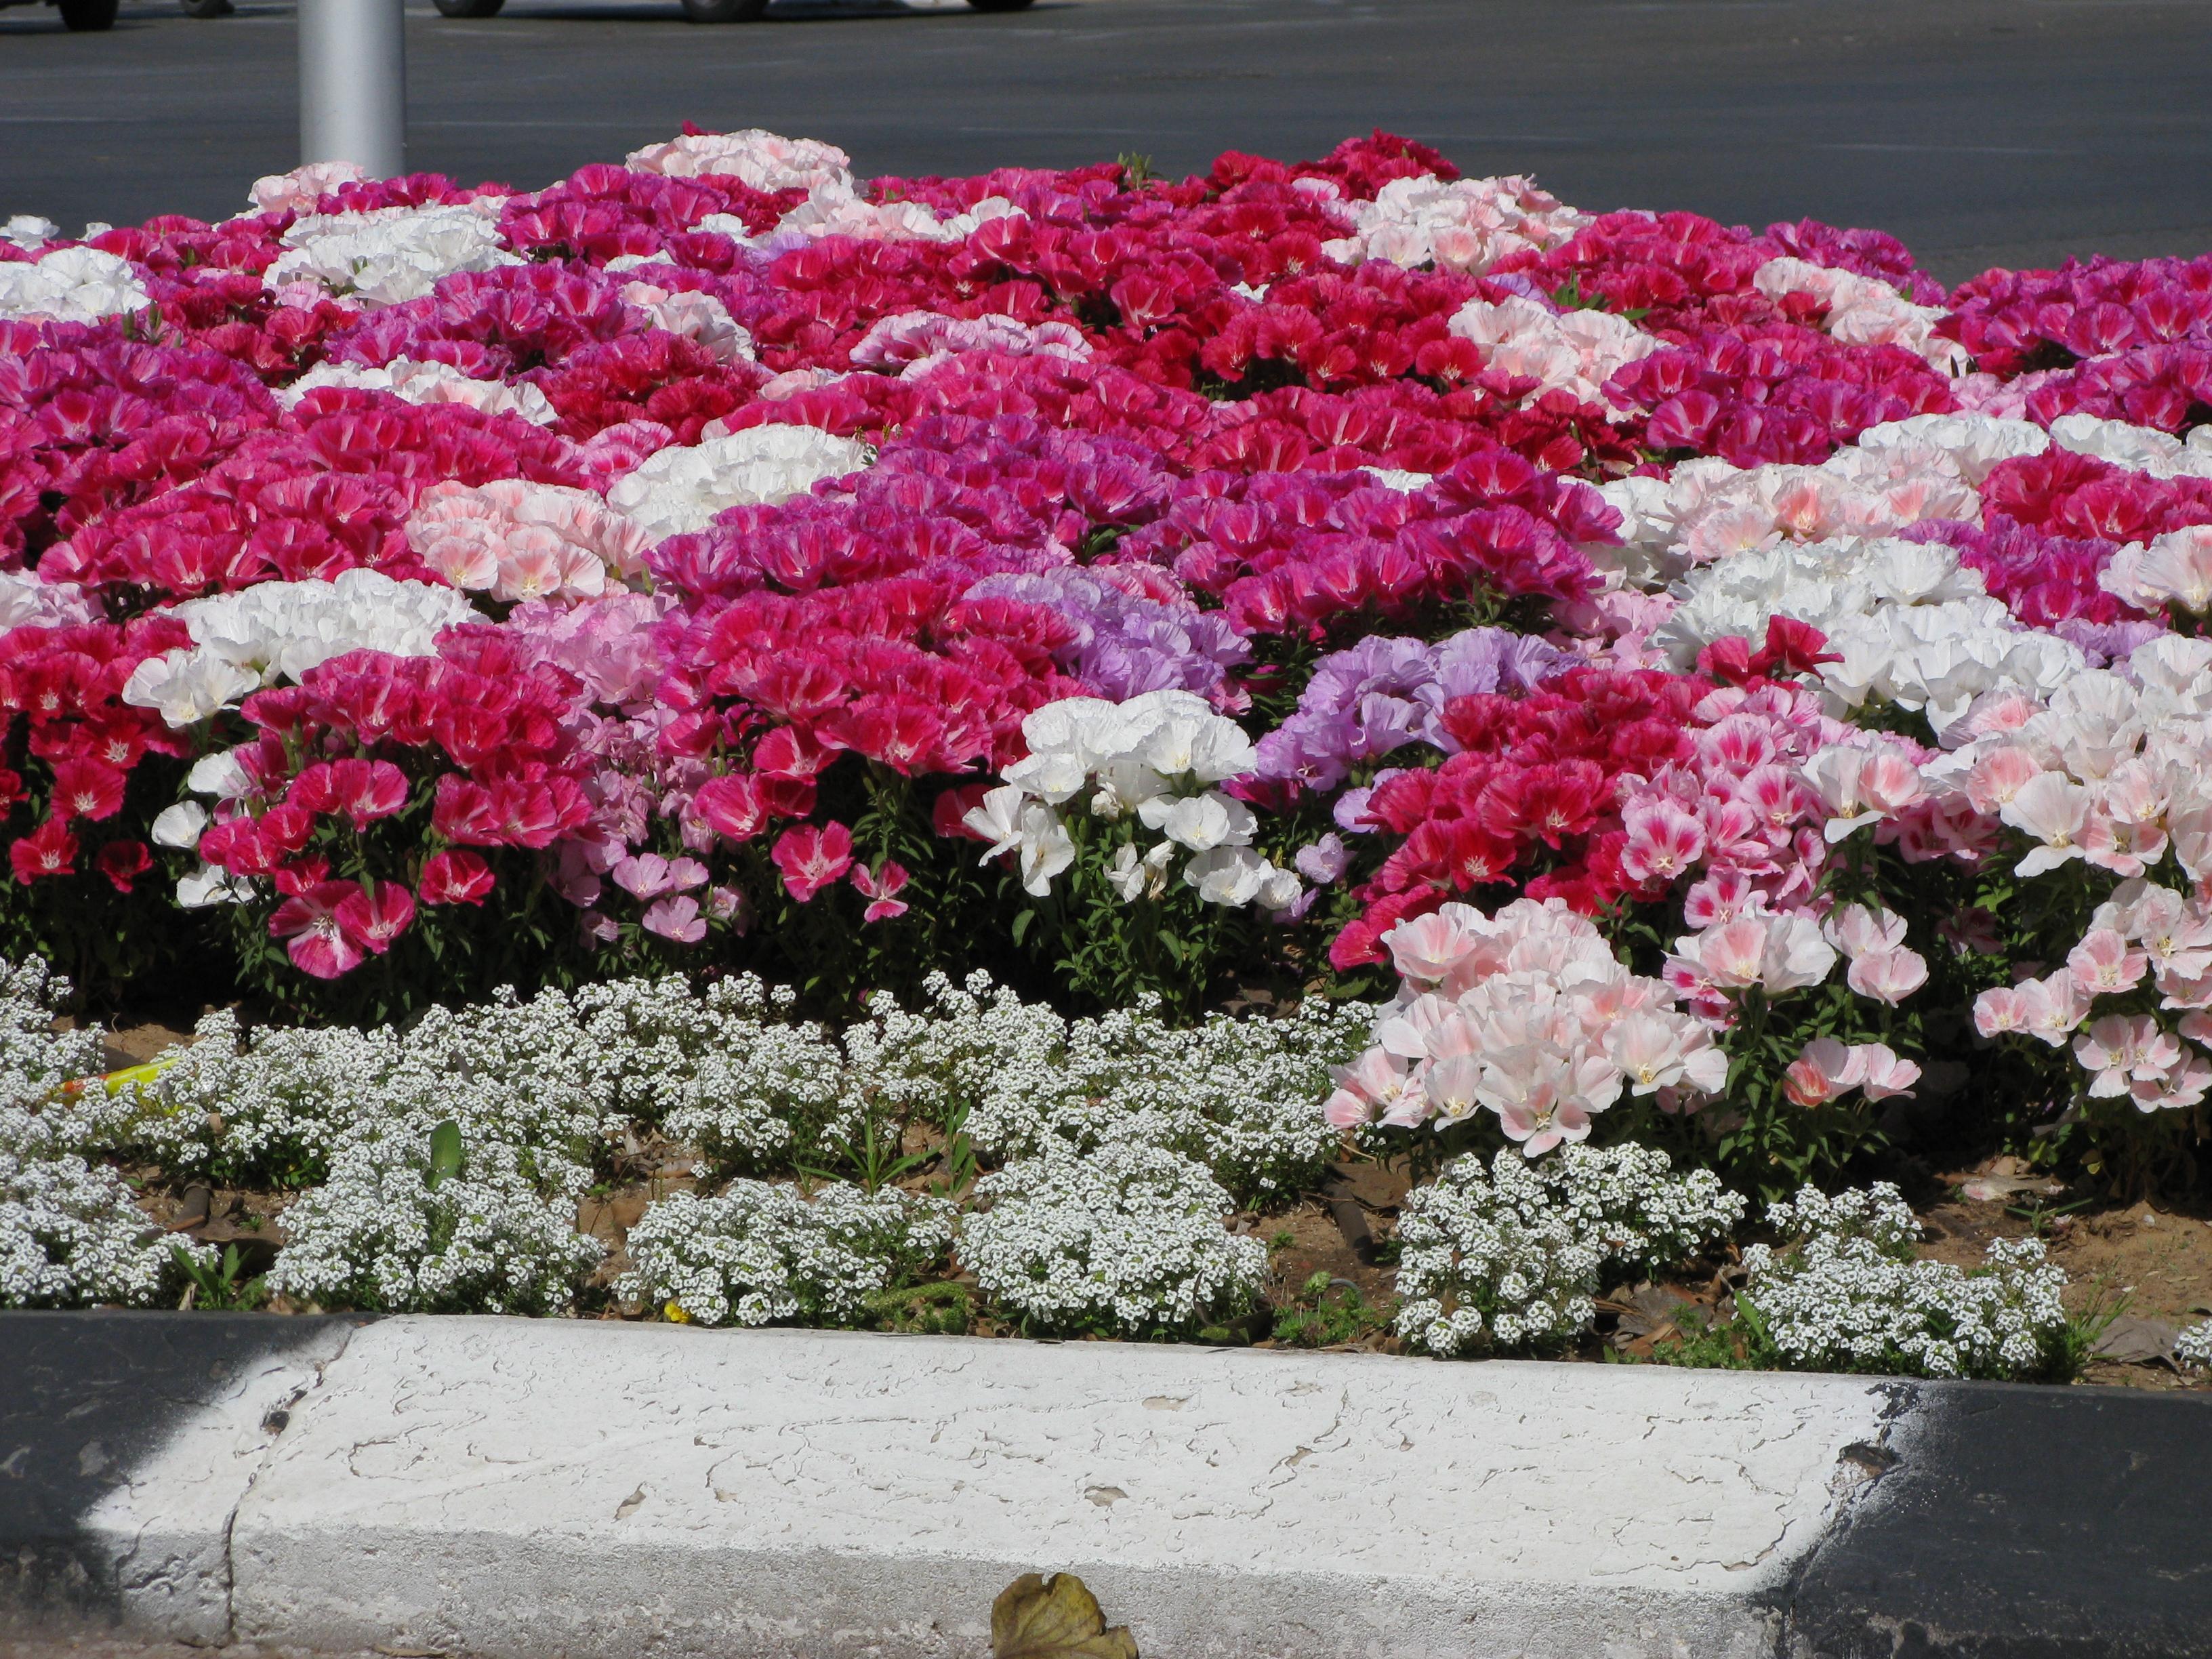 Названия и фото многолетних цветов для улицы